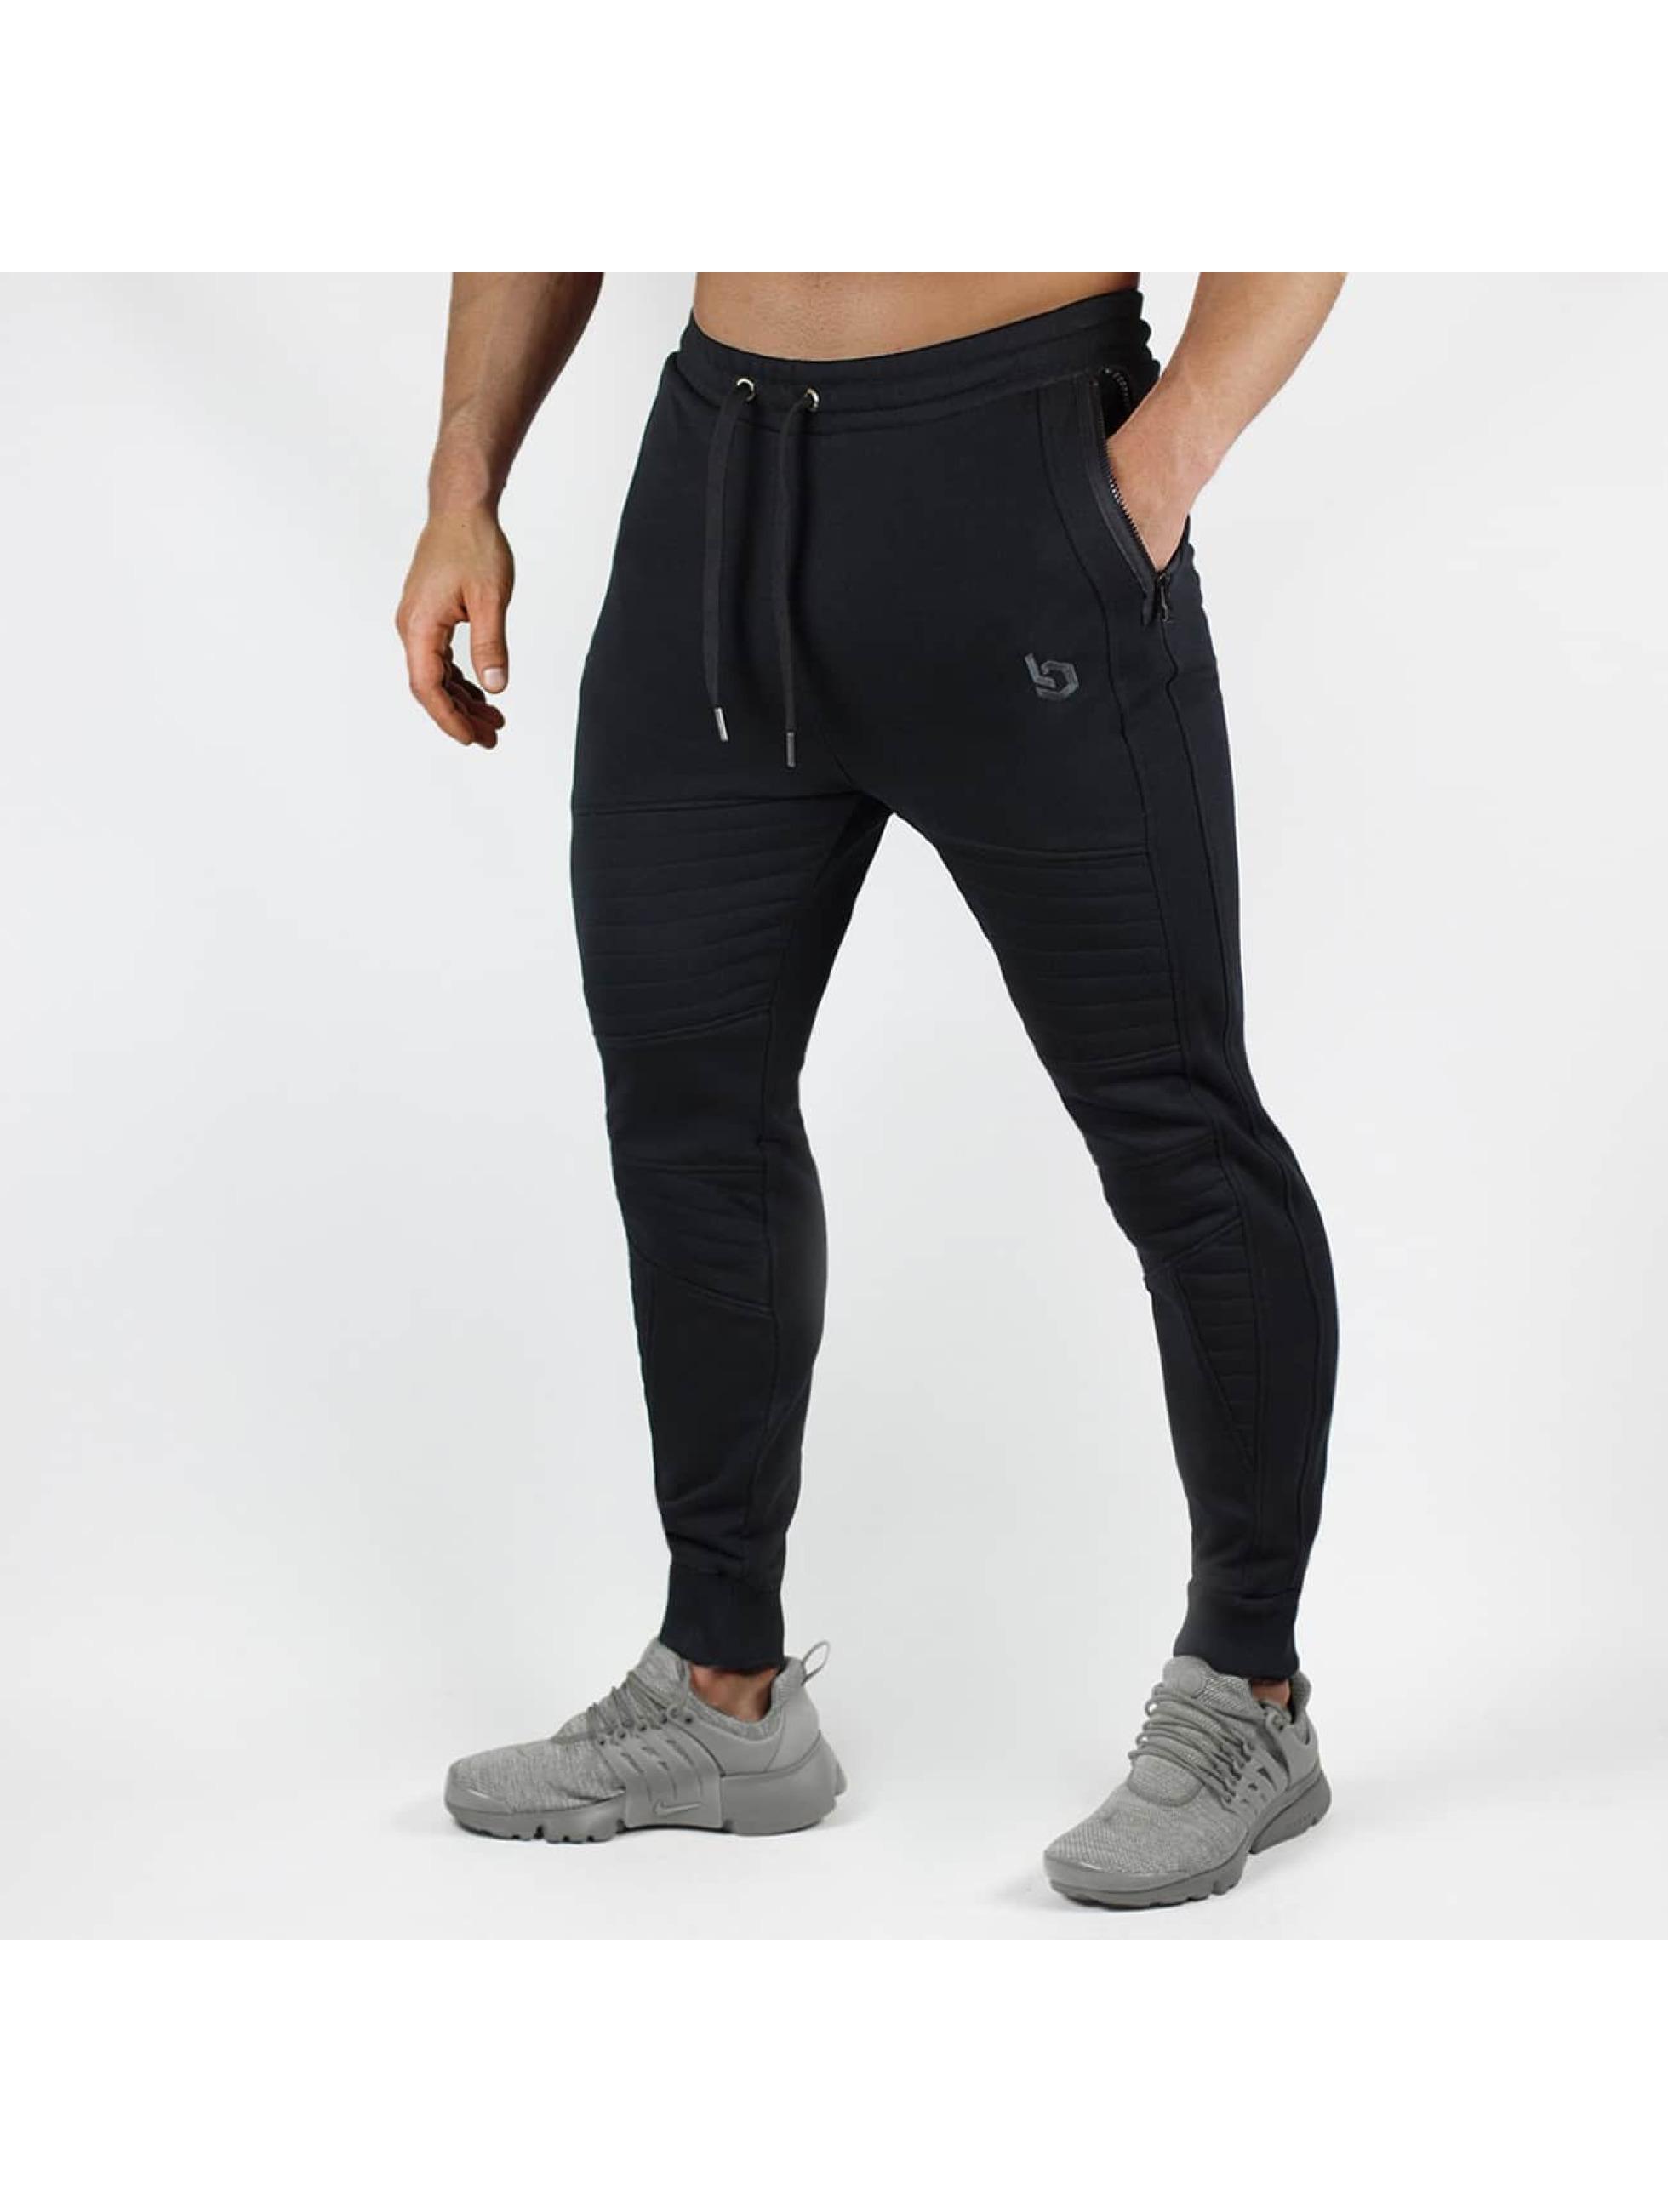 Beyond Limits Спортивные брюки Baseline черный